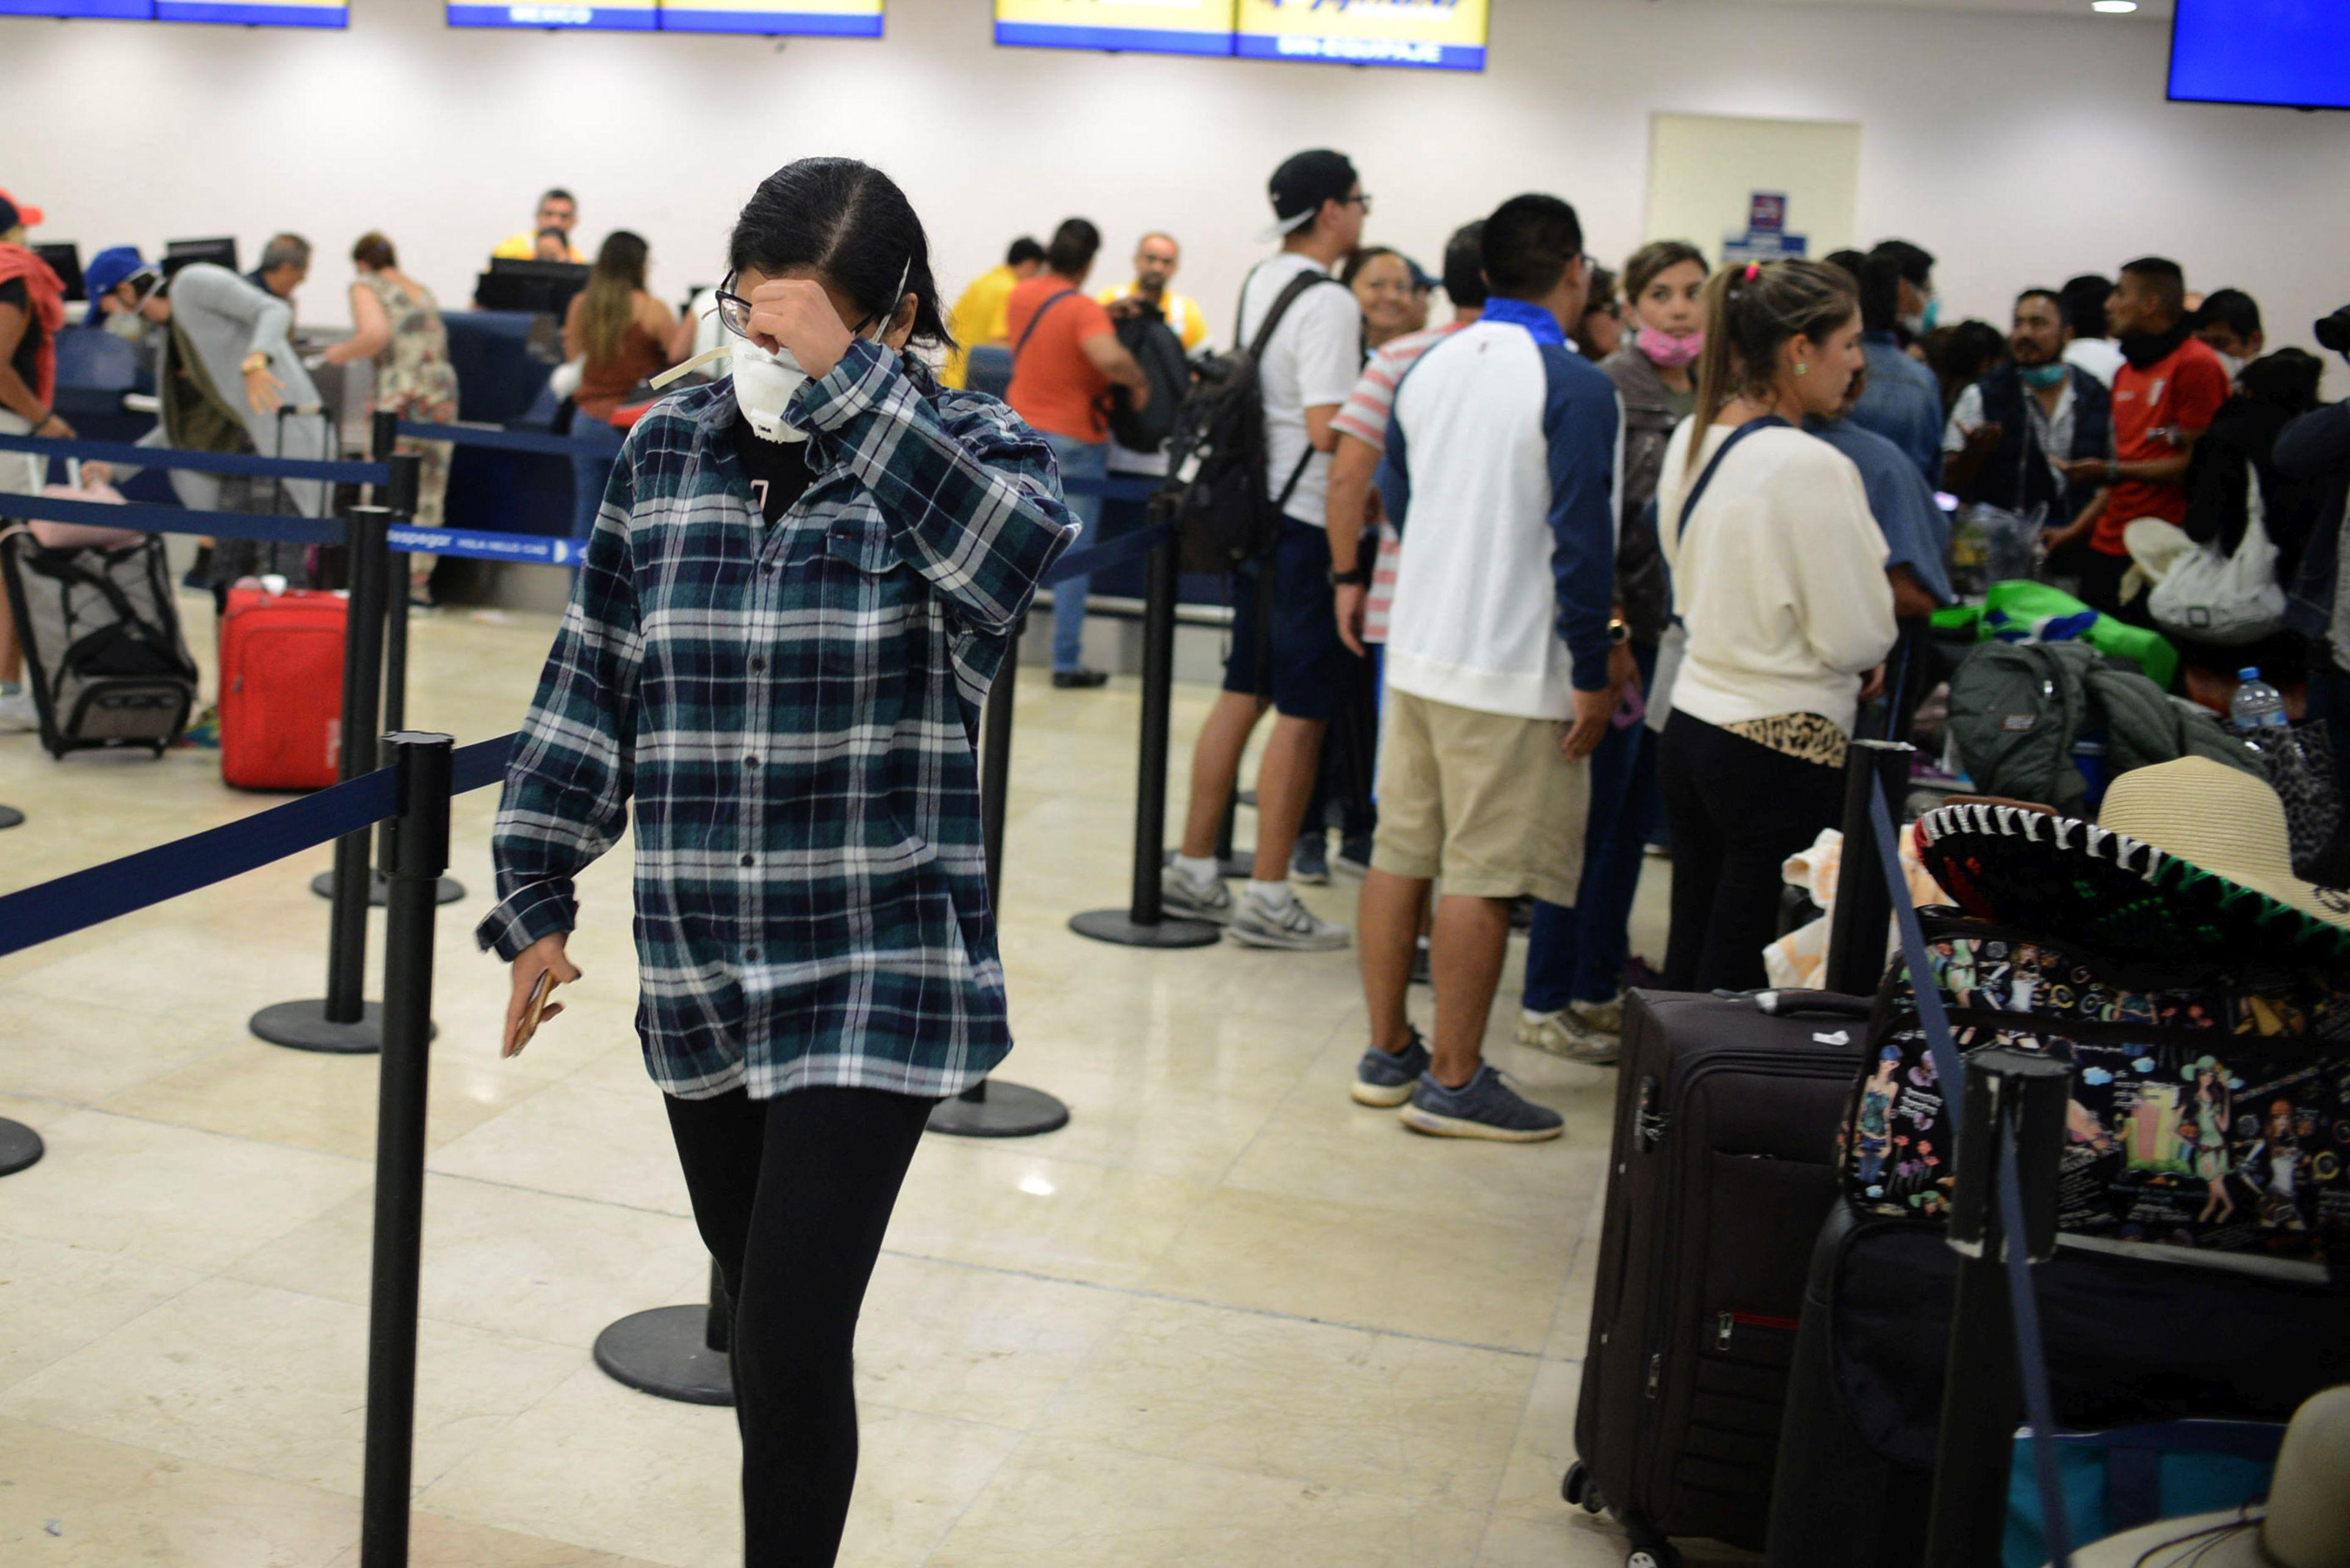 Românii blocați pe Aeroportul din Cancun au fost lăsați să intre în Mexic. MAE: Alți cinci cetățeni vor fi trimiși înapoi în țară